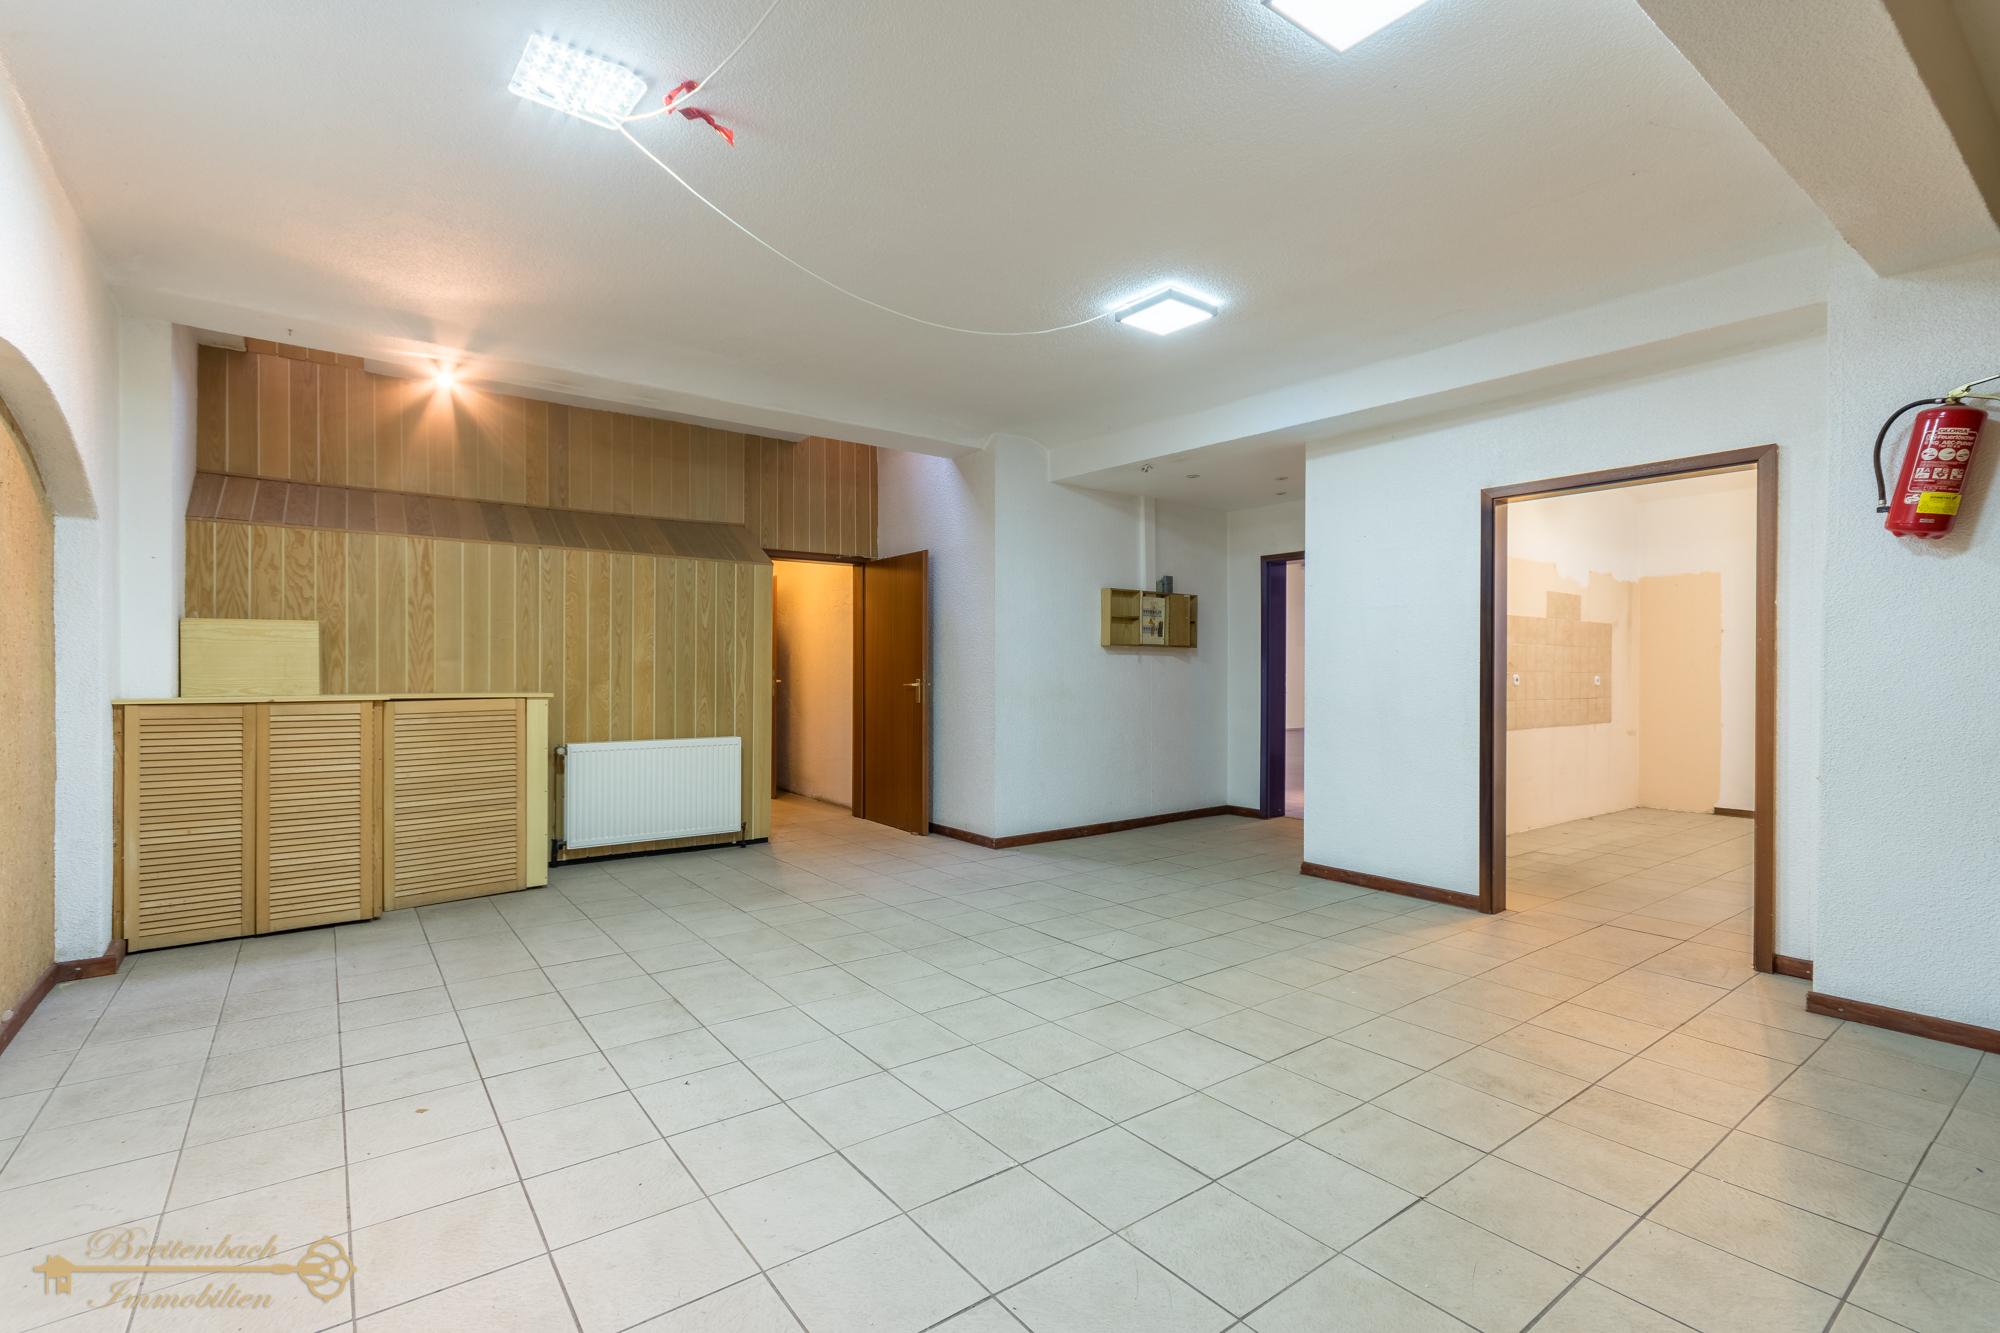 2020-11-15-Breitenbach-Immobilien-1